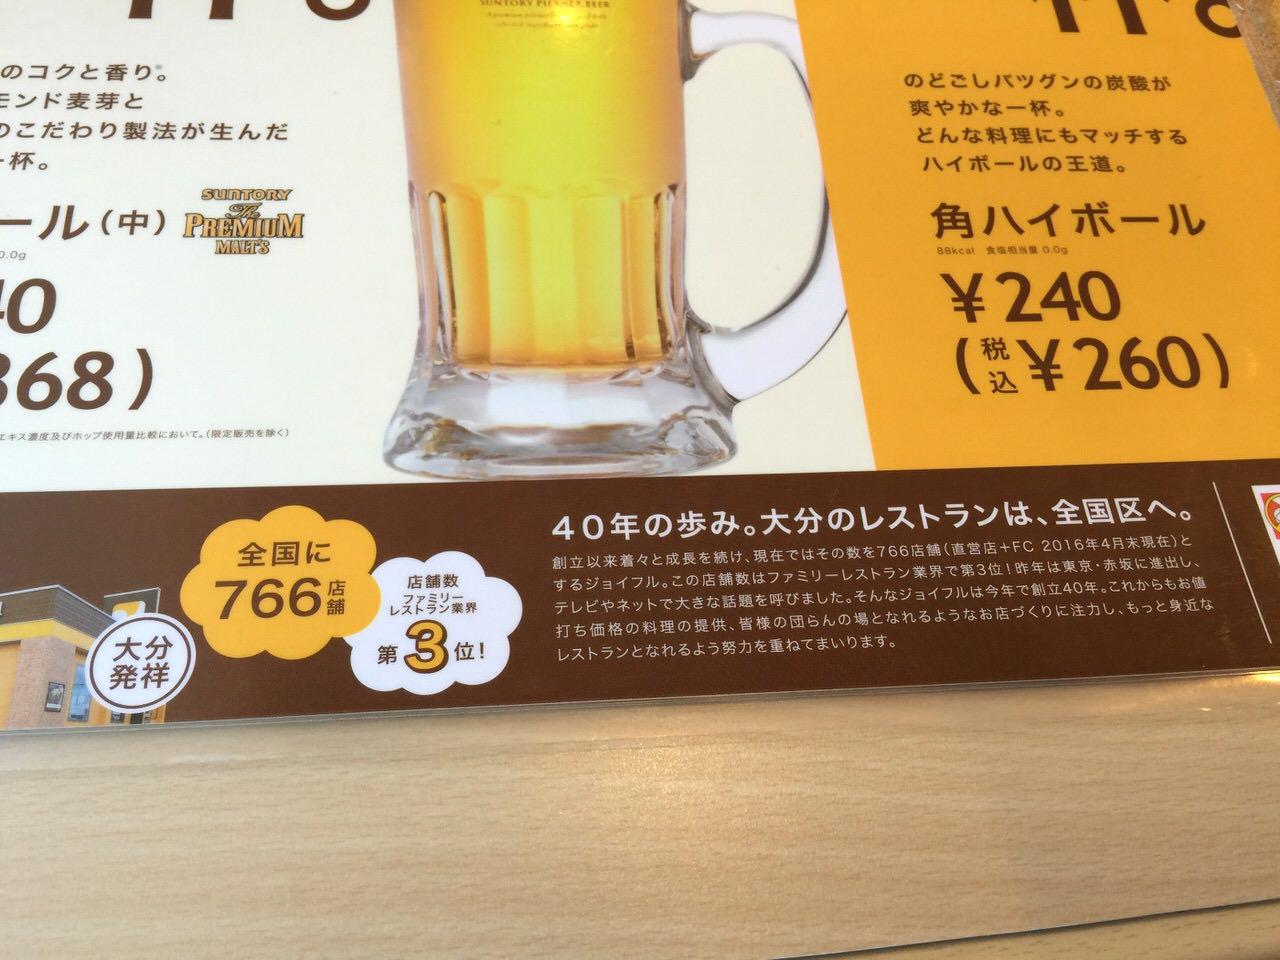 Joyfull yashio 7804